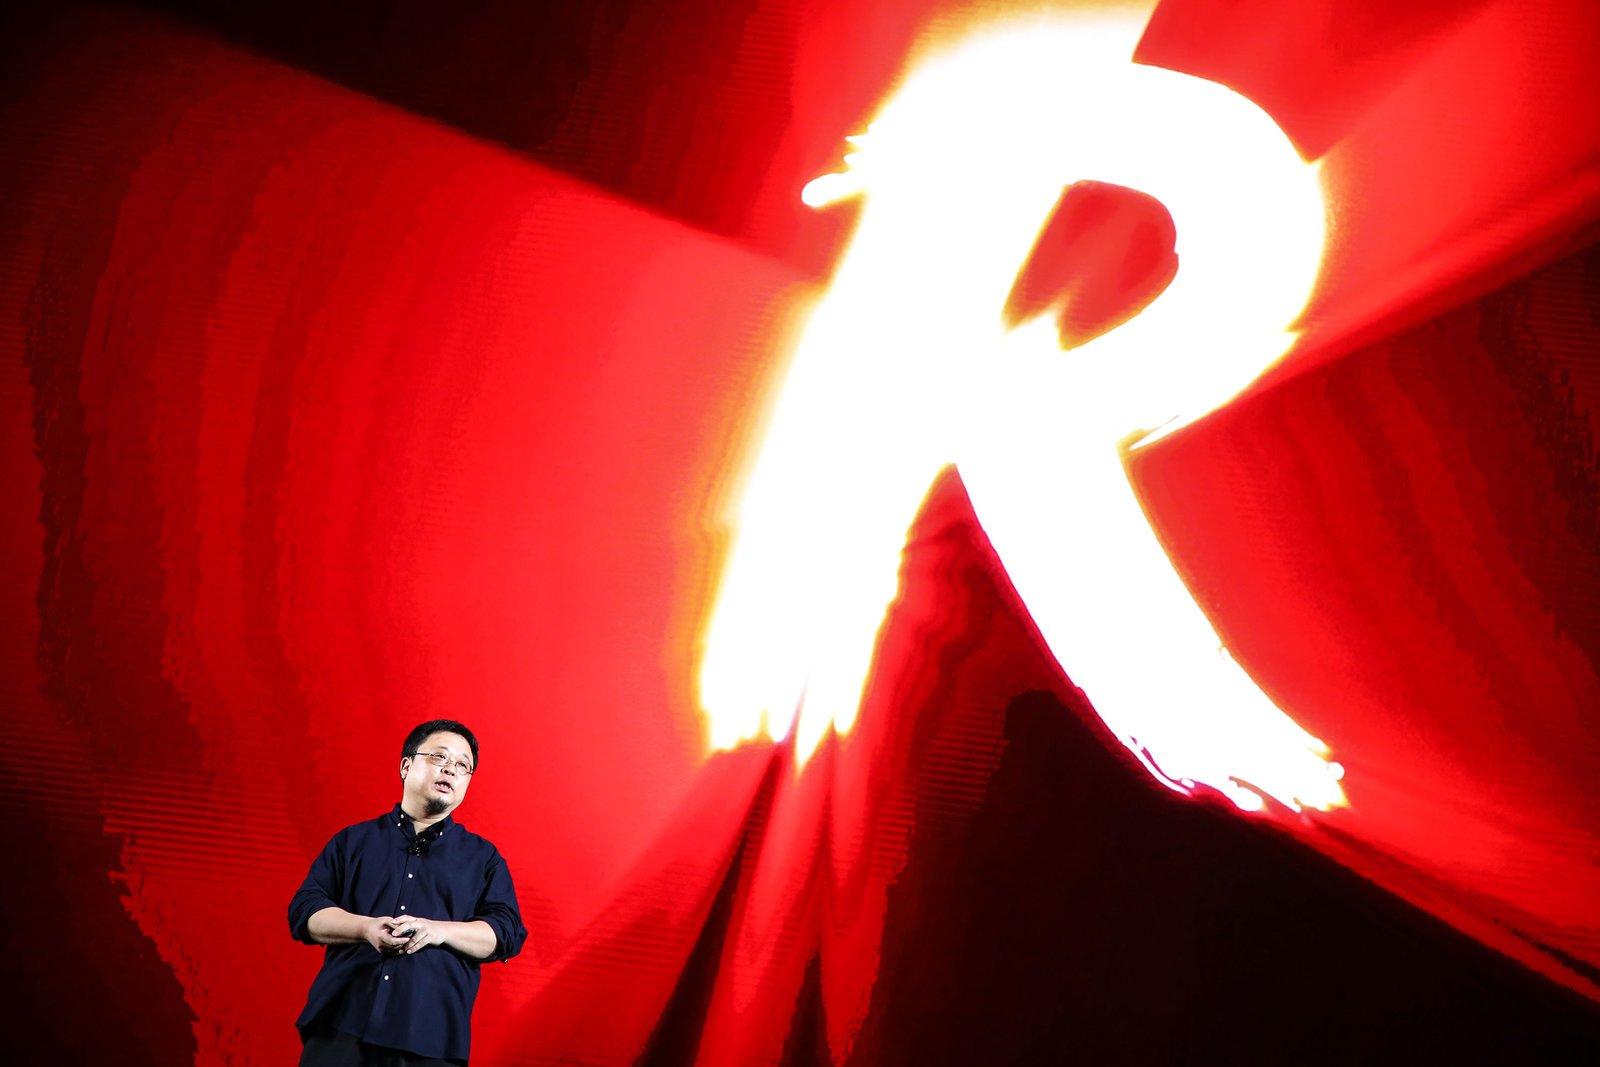 """市场不会""""理解万岁"""",罗永浩也不会改变世界的照片 - 2"""